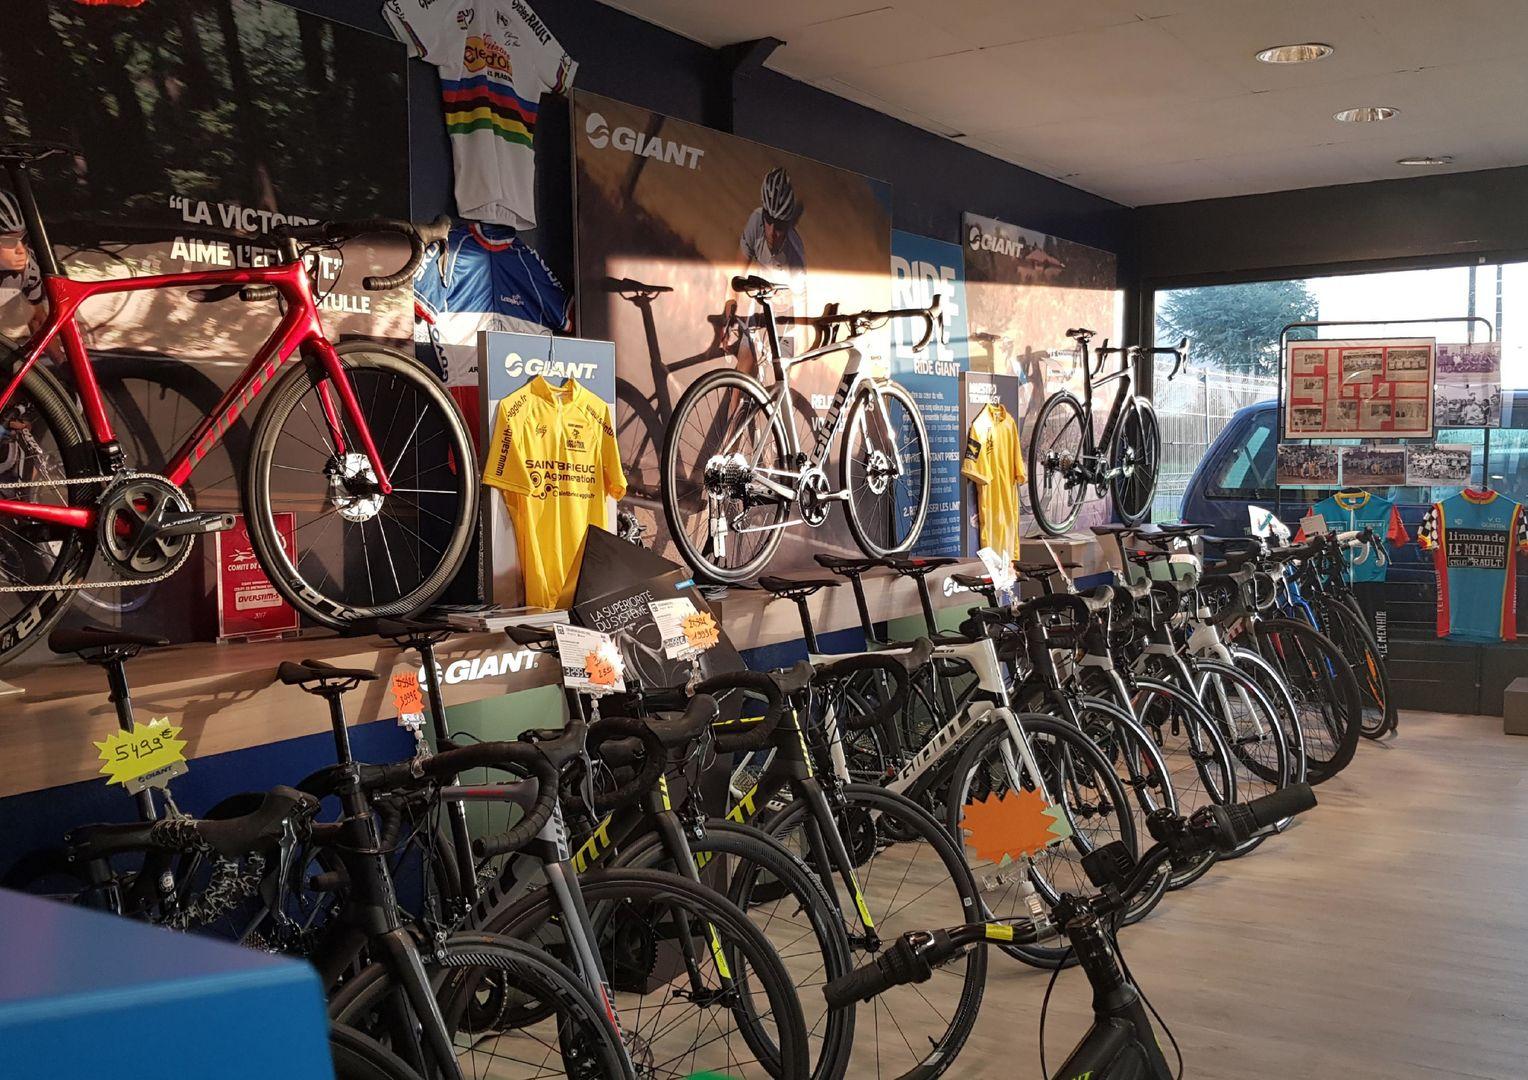 Plaintel_Espace-Vente-Giant-Cycles-Rault